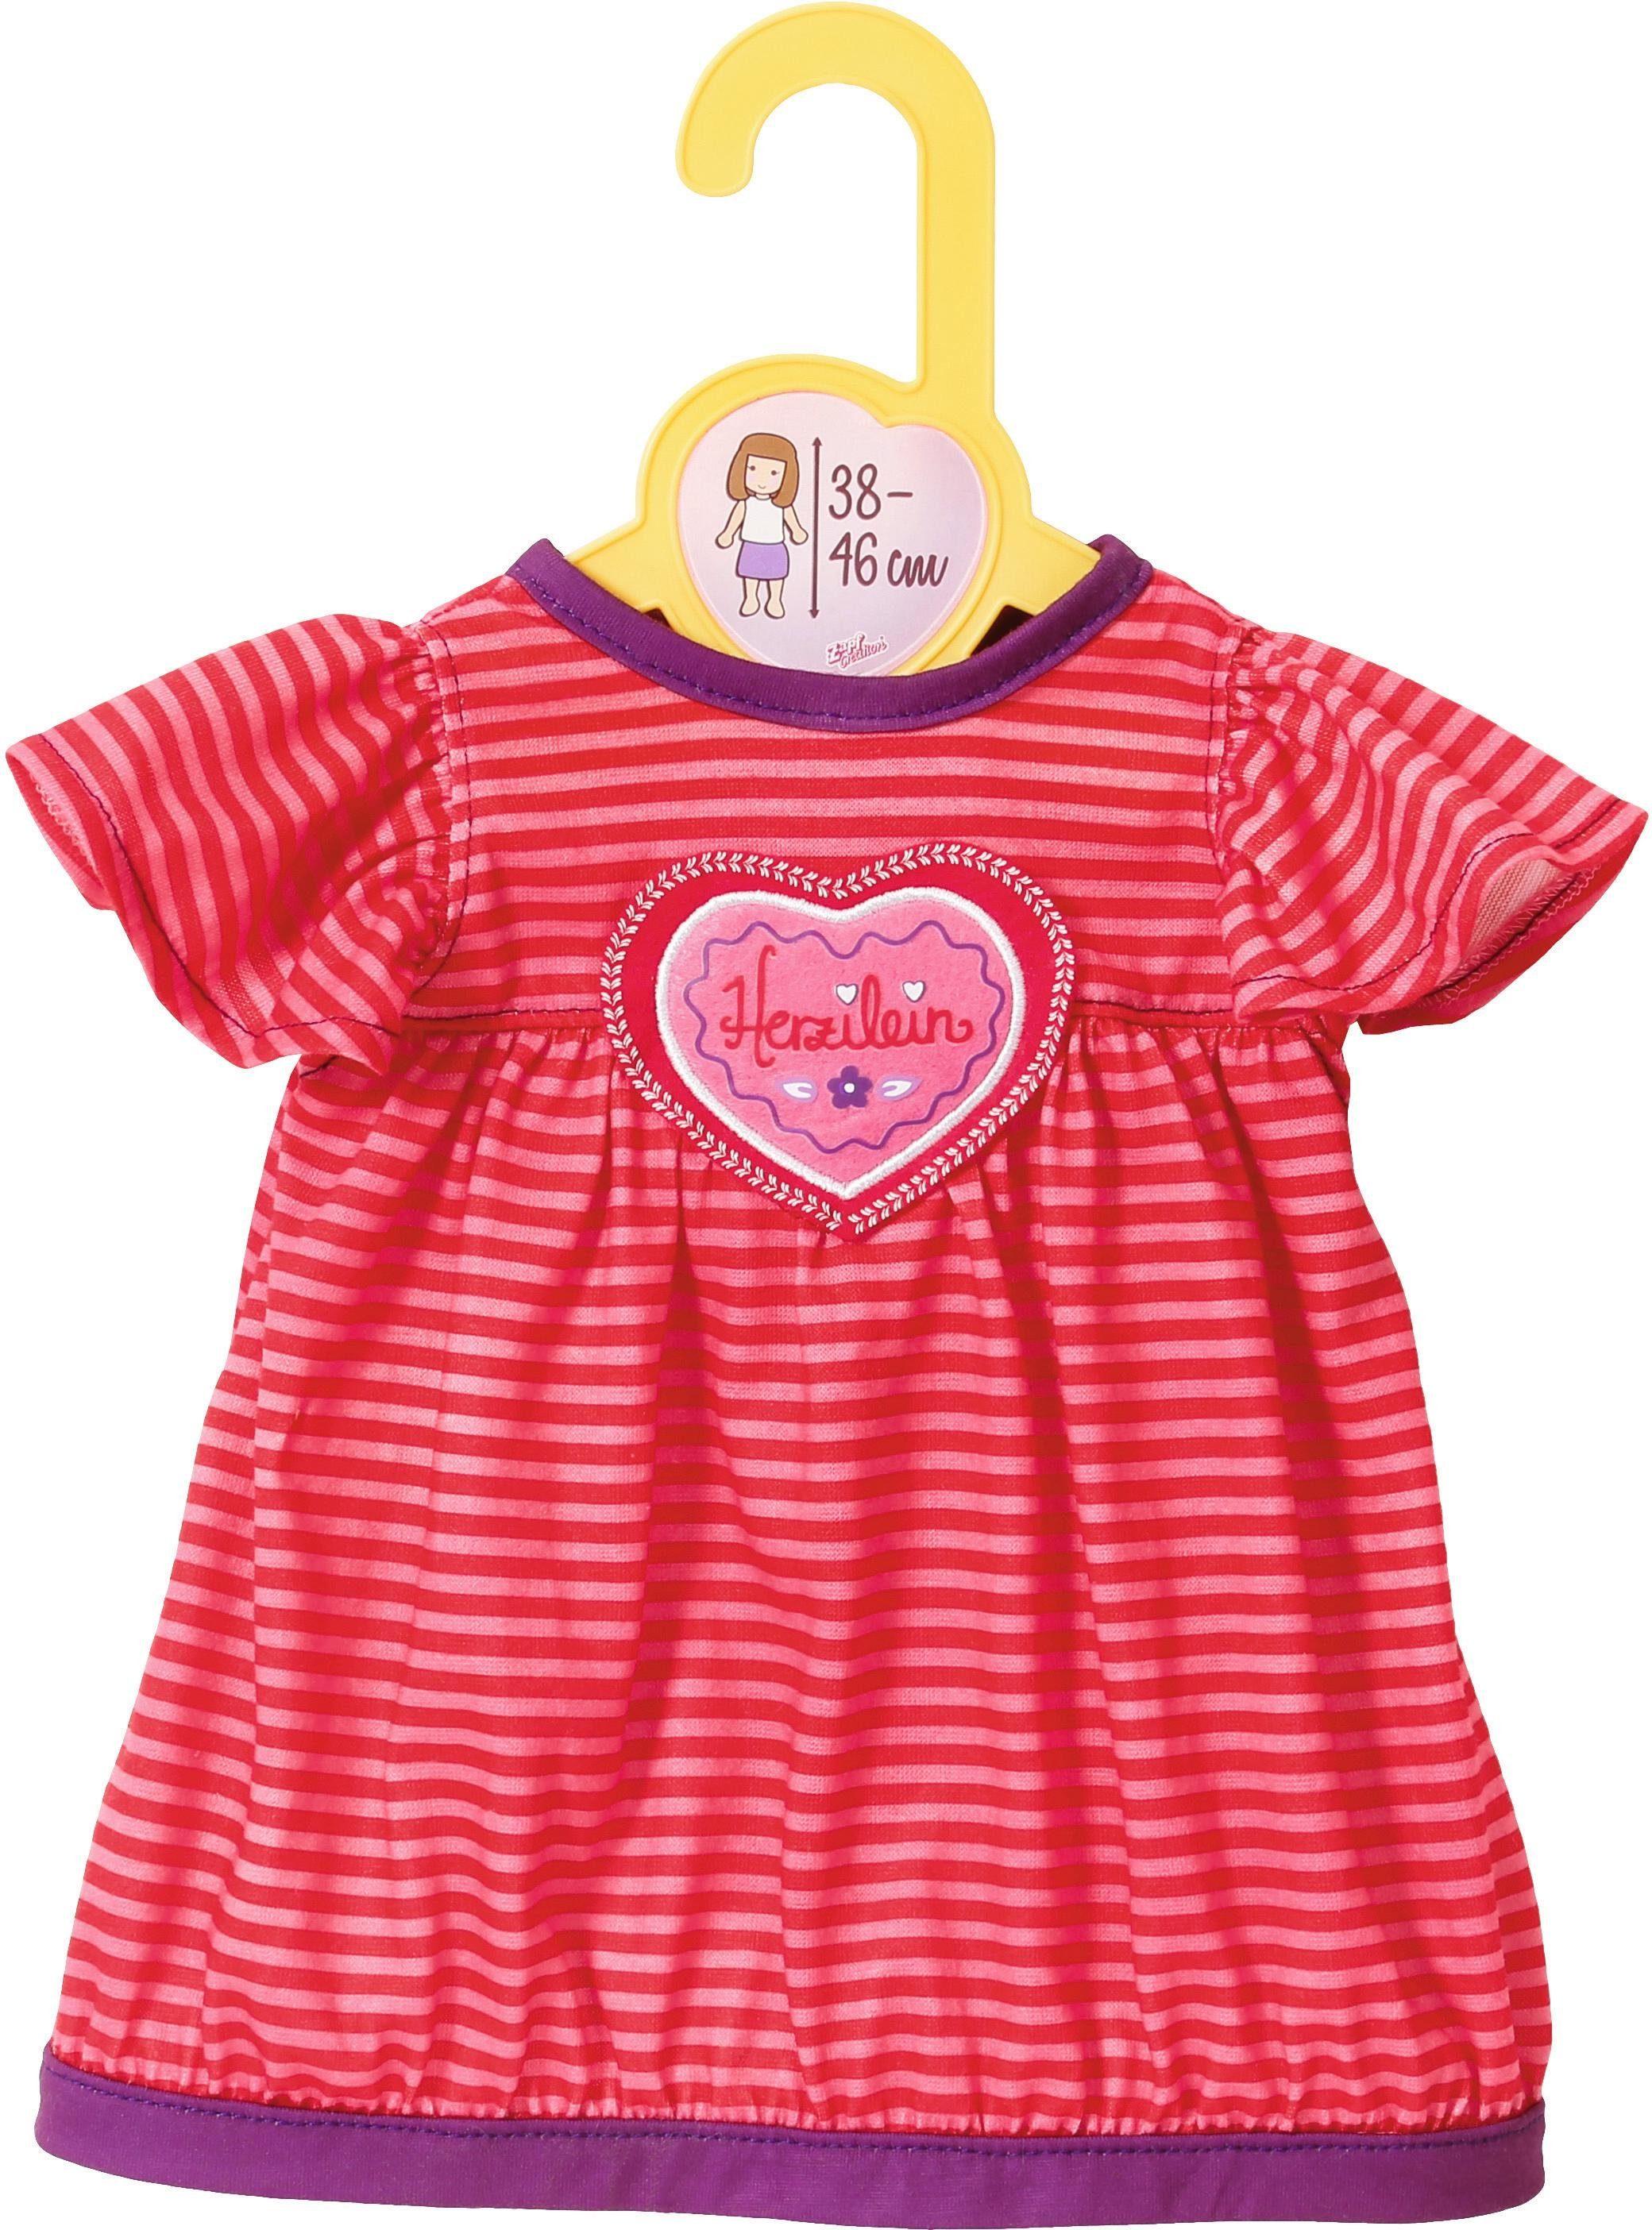 Zapf Creation Puppenbekleidung Größe 38-46 cm, »Dolly Moda Schlafkleid«